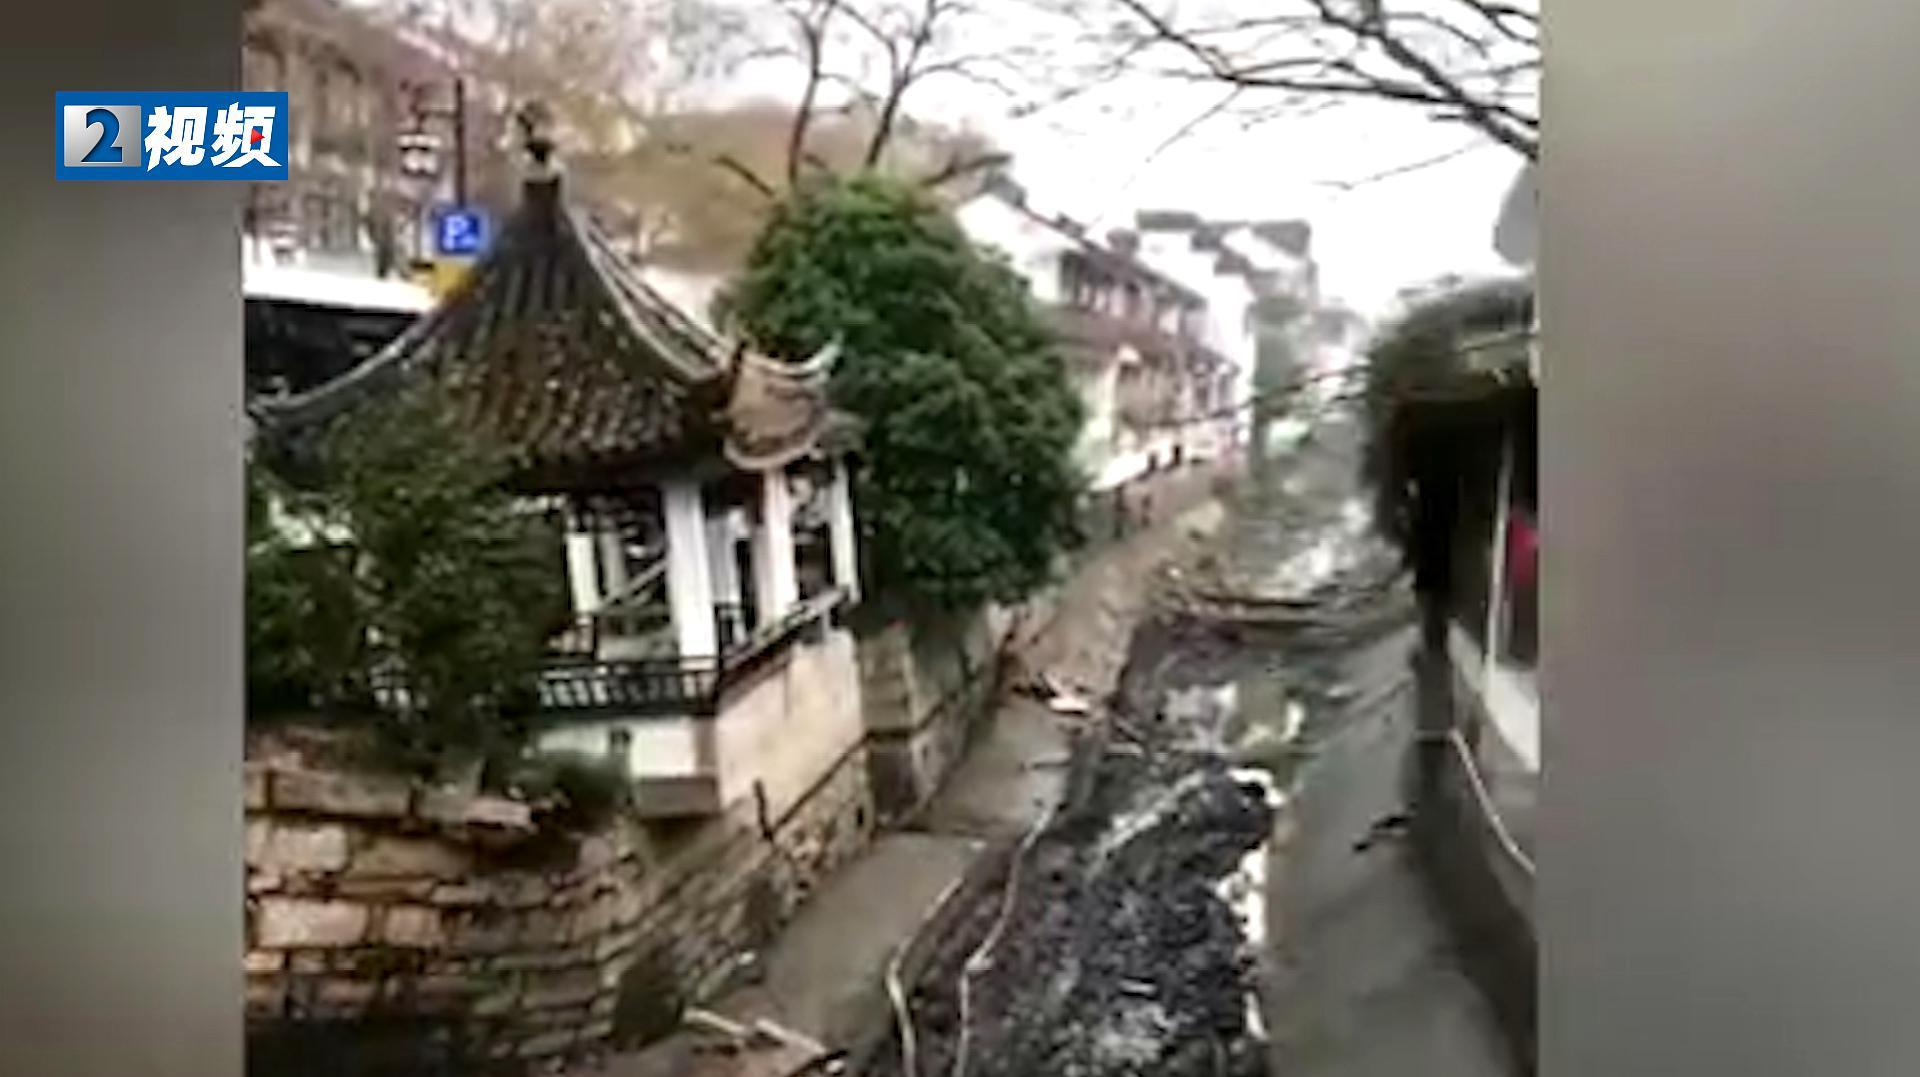 苏州十全街塌陷 目击者:听到轰轰声 房子慢慢的变矮了!